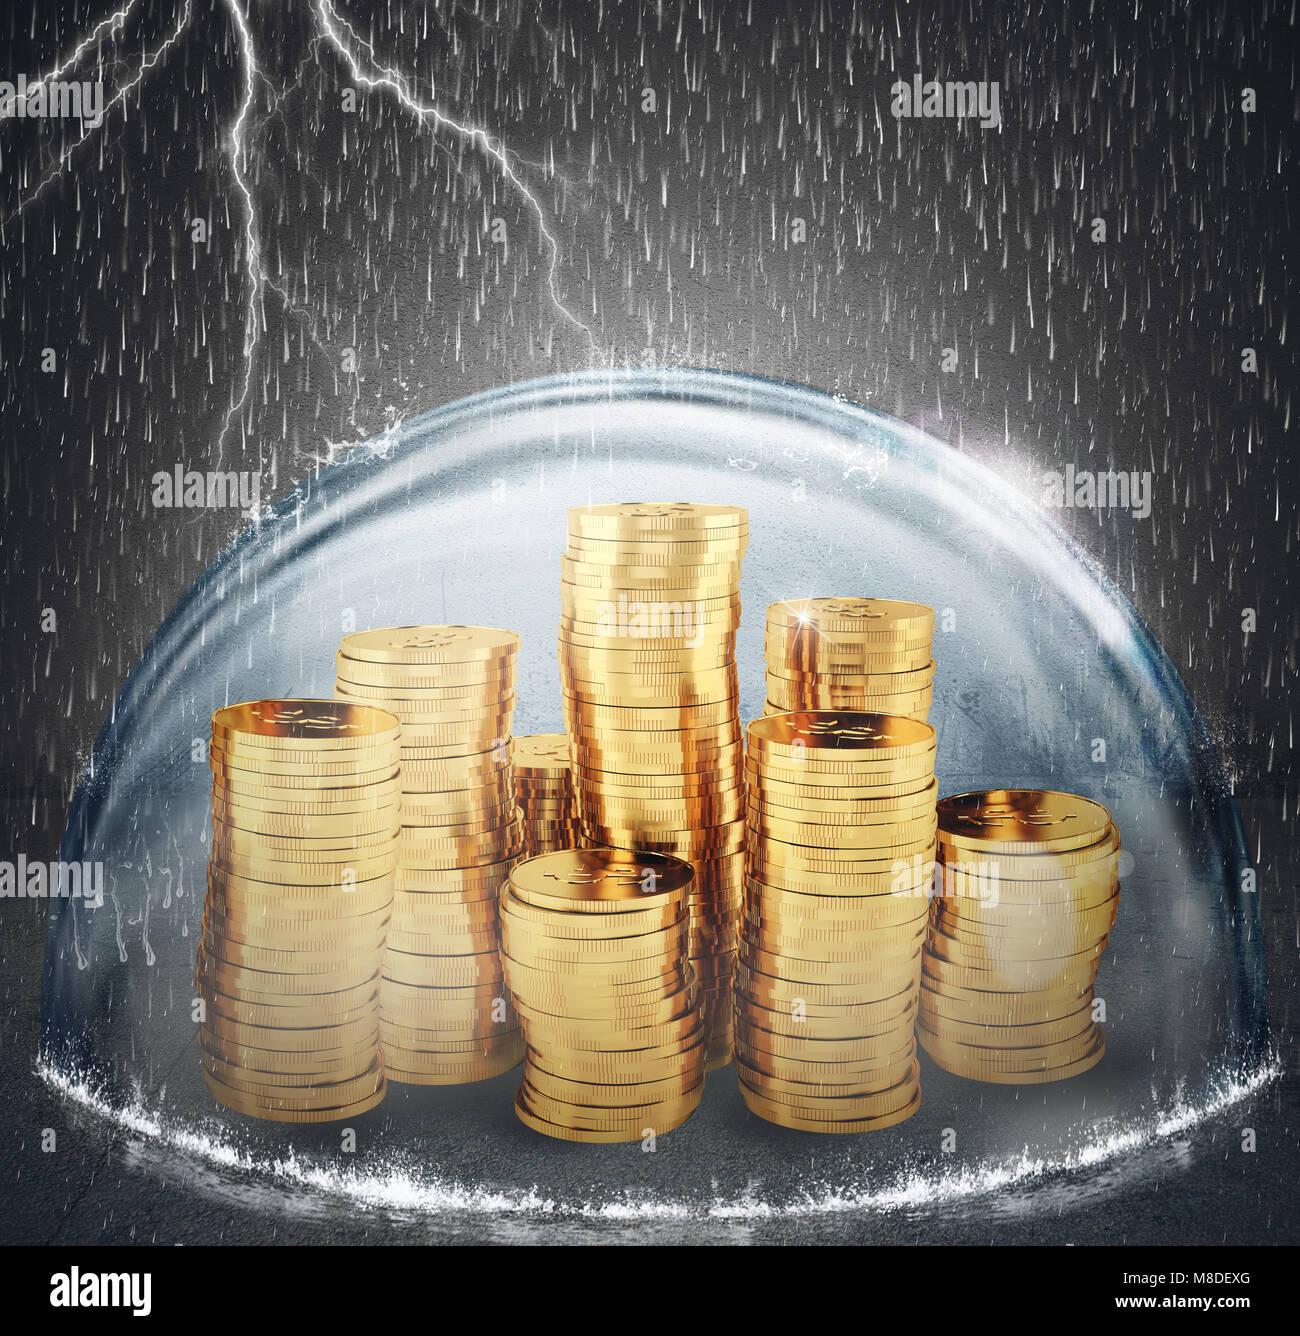 Proteger el ahorro. Concepto de seguros y protección del dinero. 3D Rendering Imagen De Stock